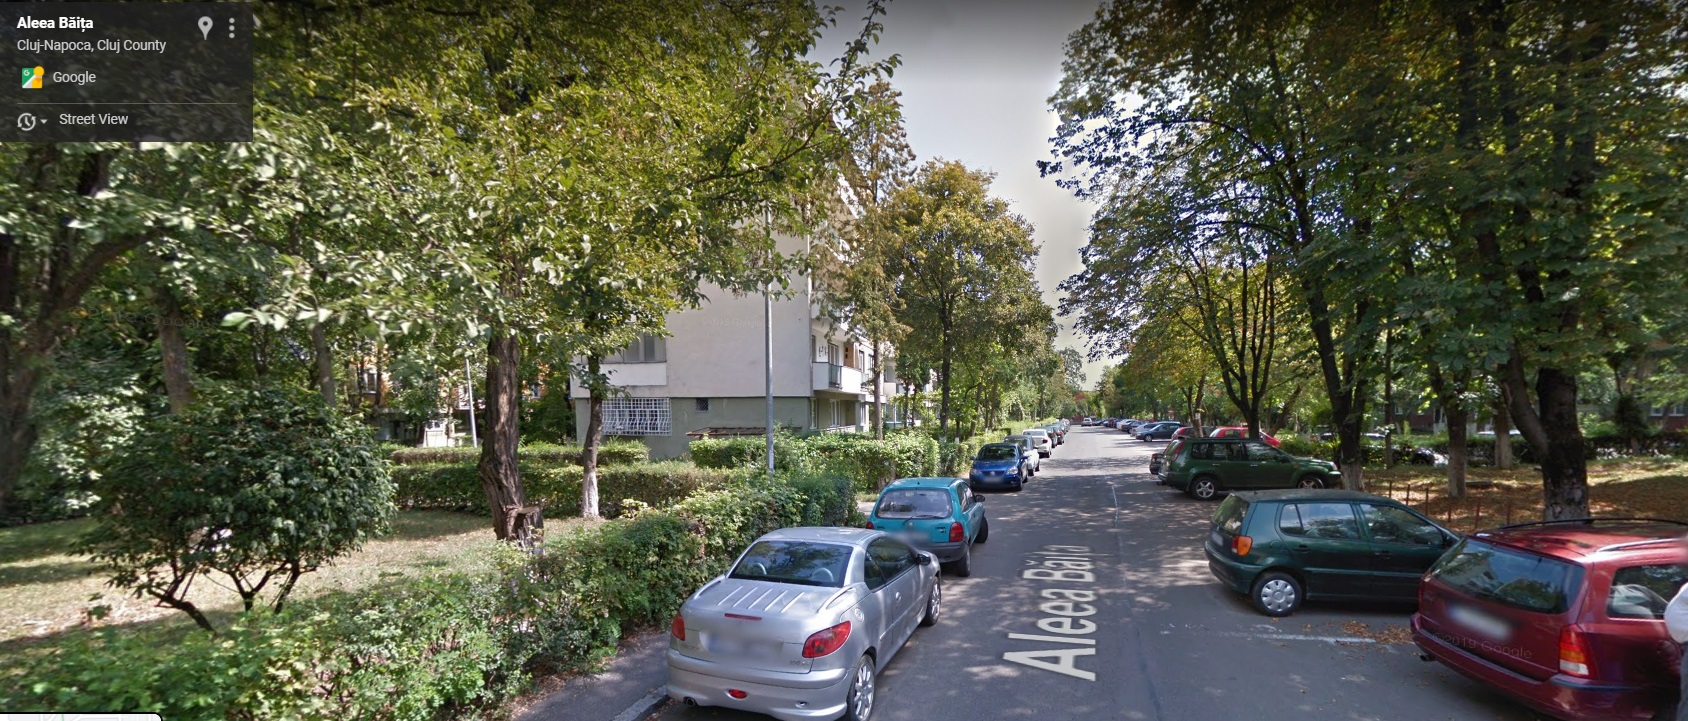 Poză cu un cartier cu o stradă asfaltată și mașini parcate pe ambele părți ale ei. Și în stânga, și în dreapta sunt spații verzi și copacii se întind cât vezi cu ochii.